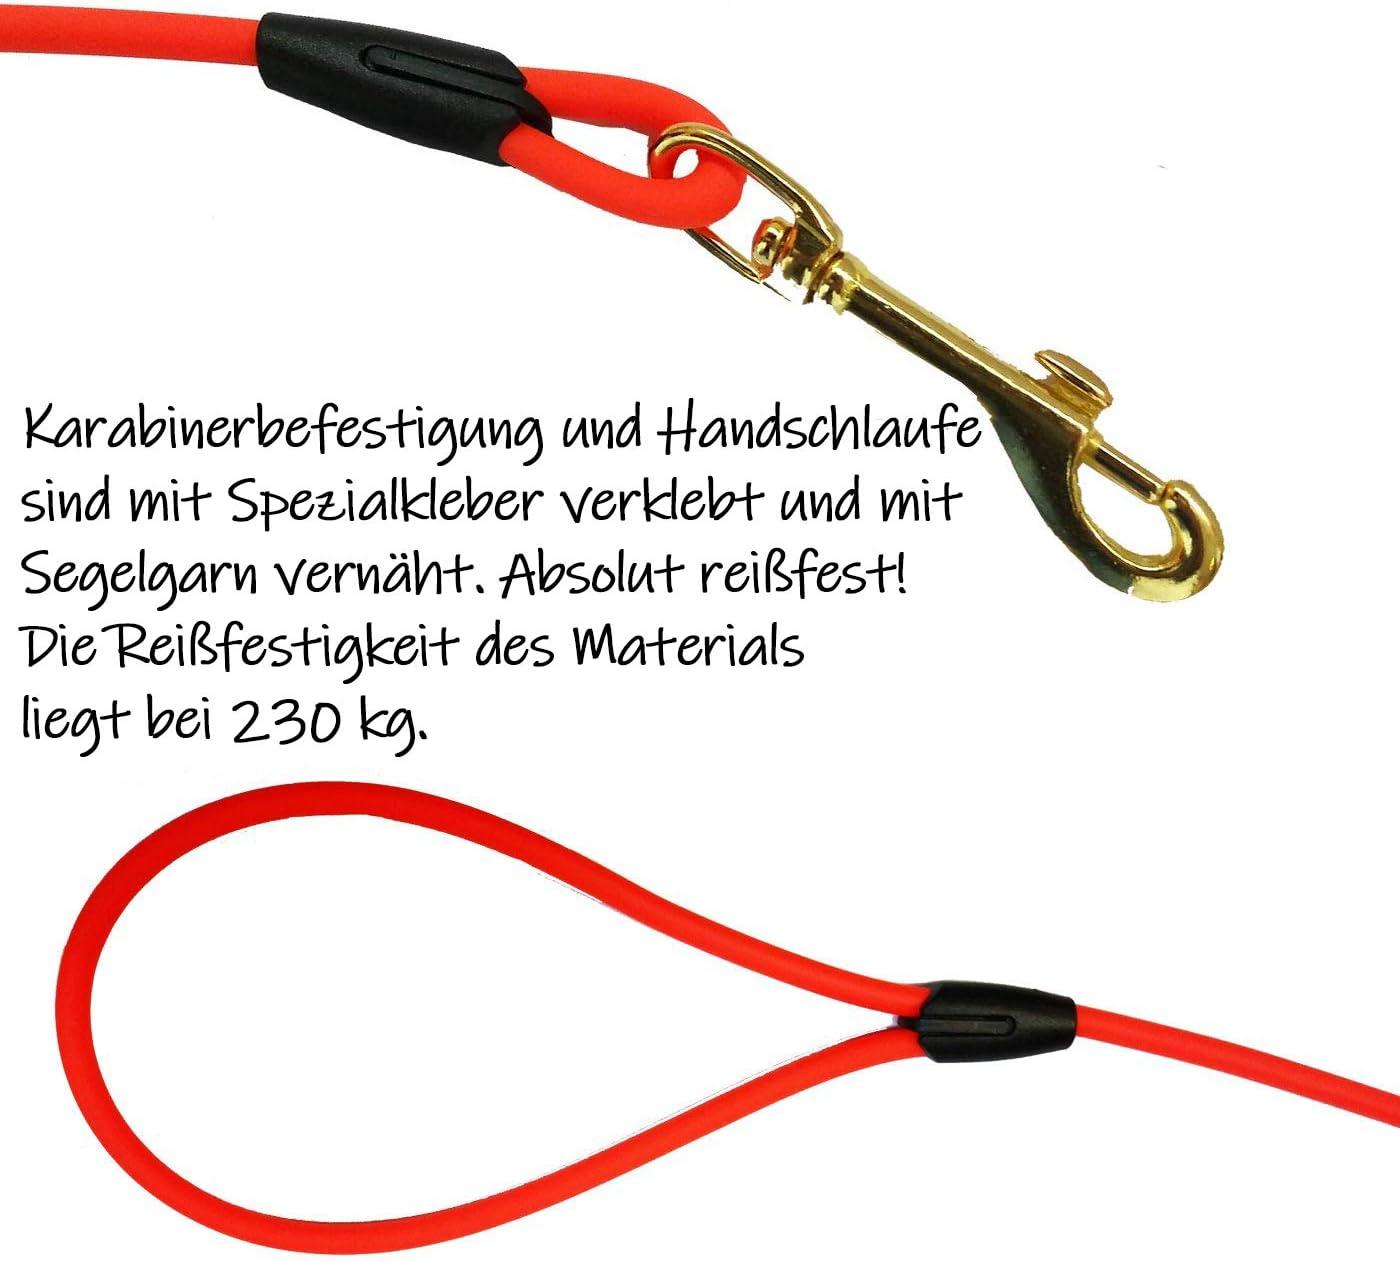 Sehr leichte Biothane Schleppleine f/ür Welpen und kleine Hunde 13 Farben mit Handschlaufe 3-15 Meter Welpenleine